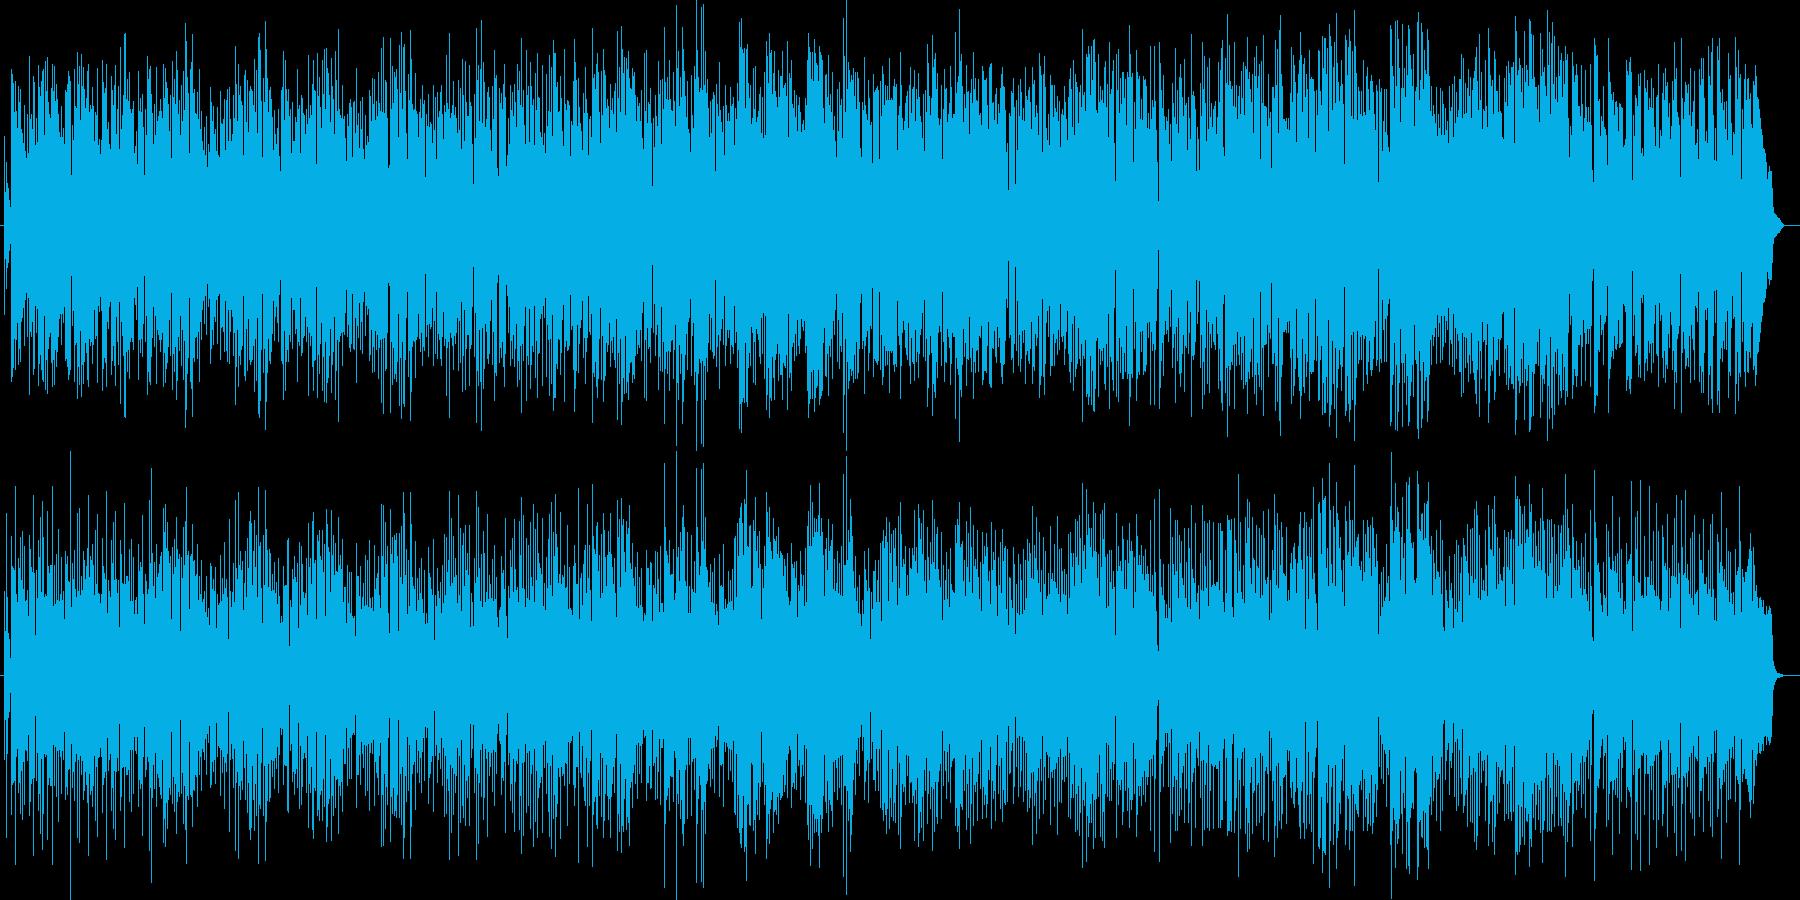 ゆったりリゾート感のあるピアノサウンドの再生済みの波形